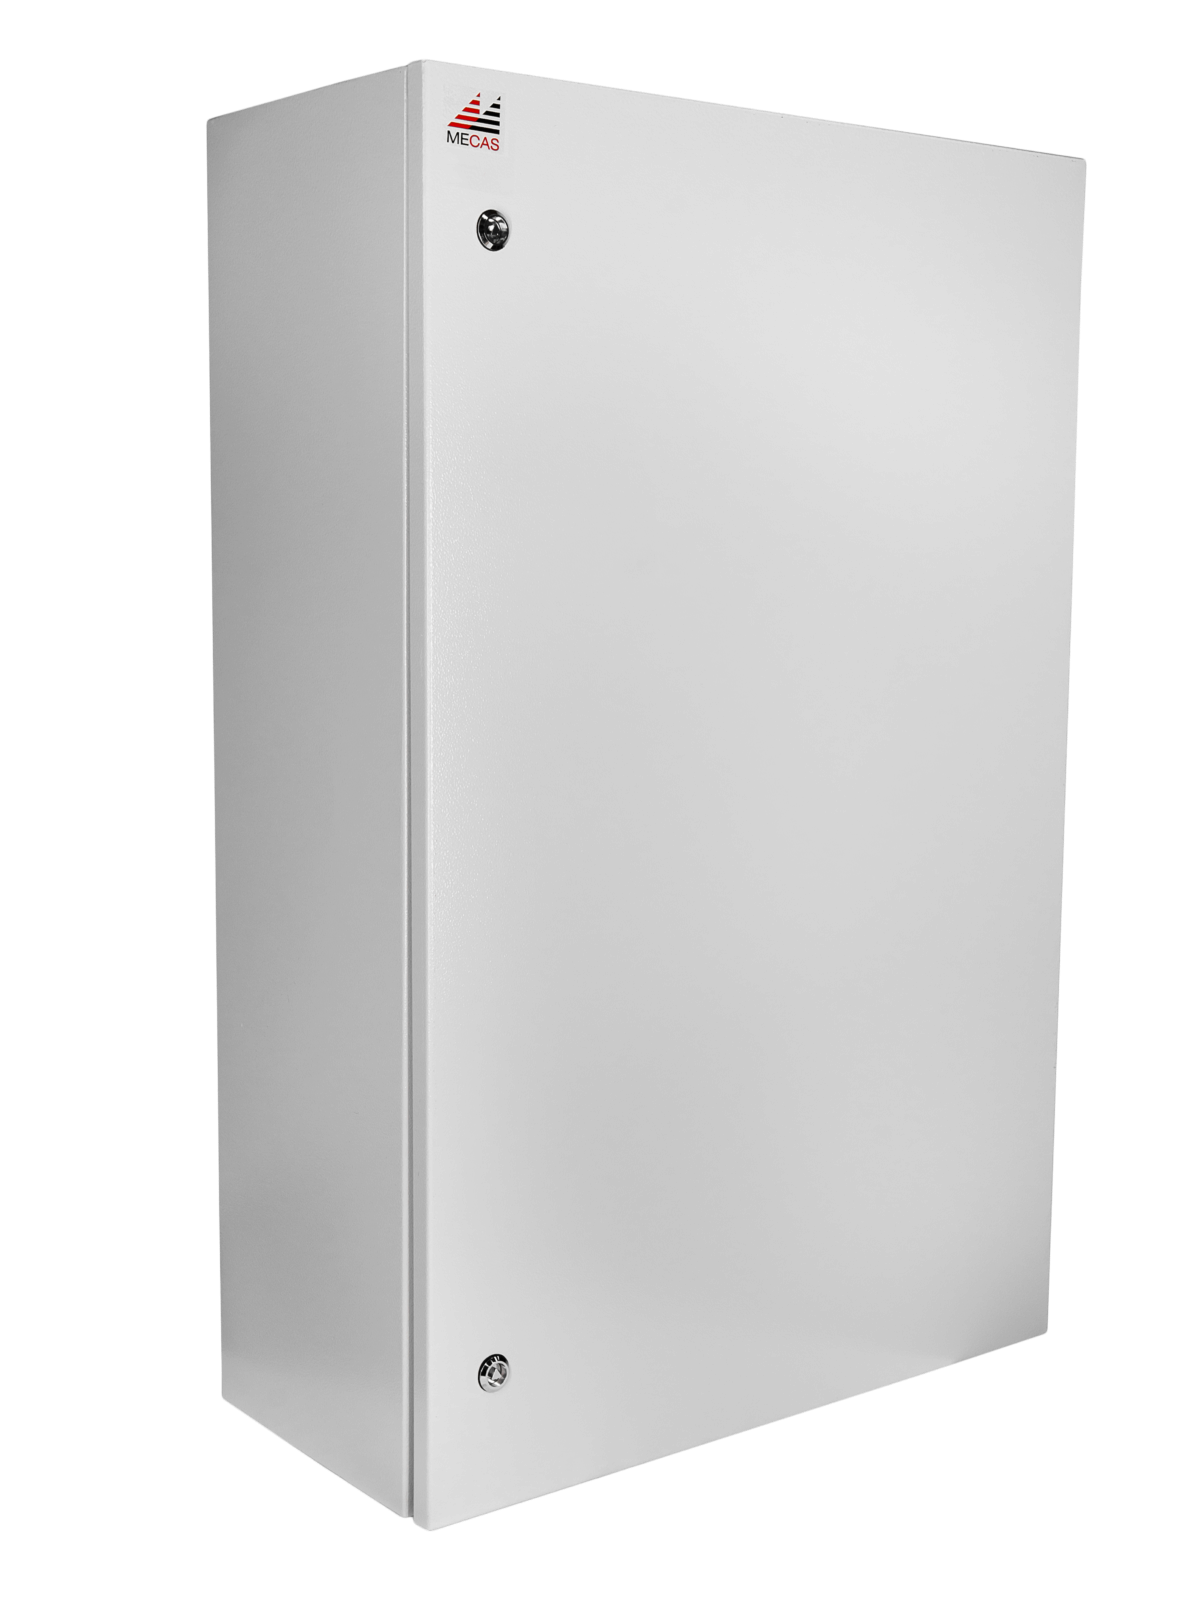 ЩРНМ-5 IP54 (1000х650х285) MECAS